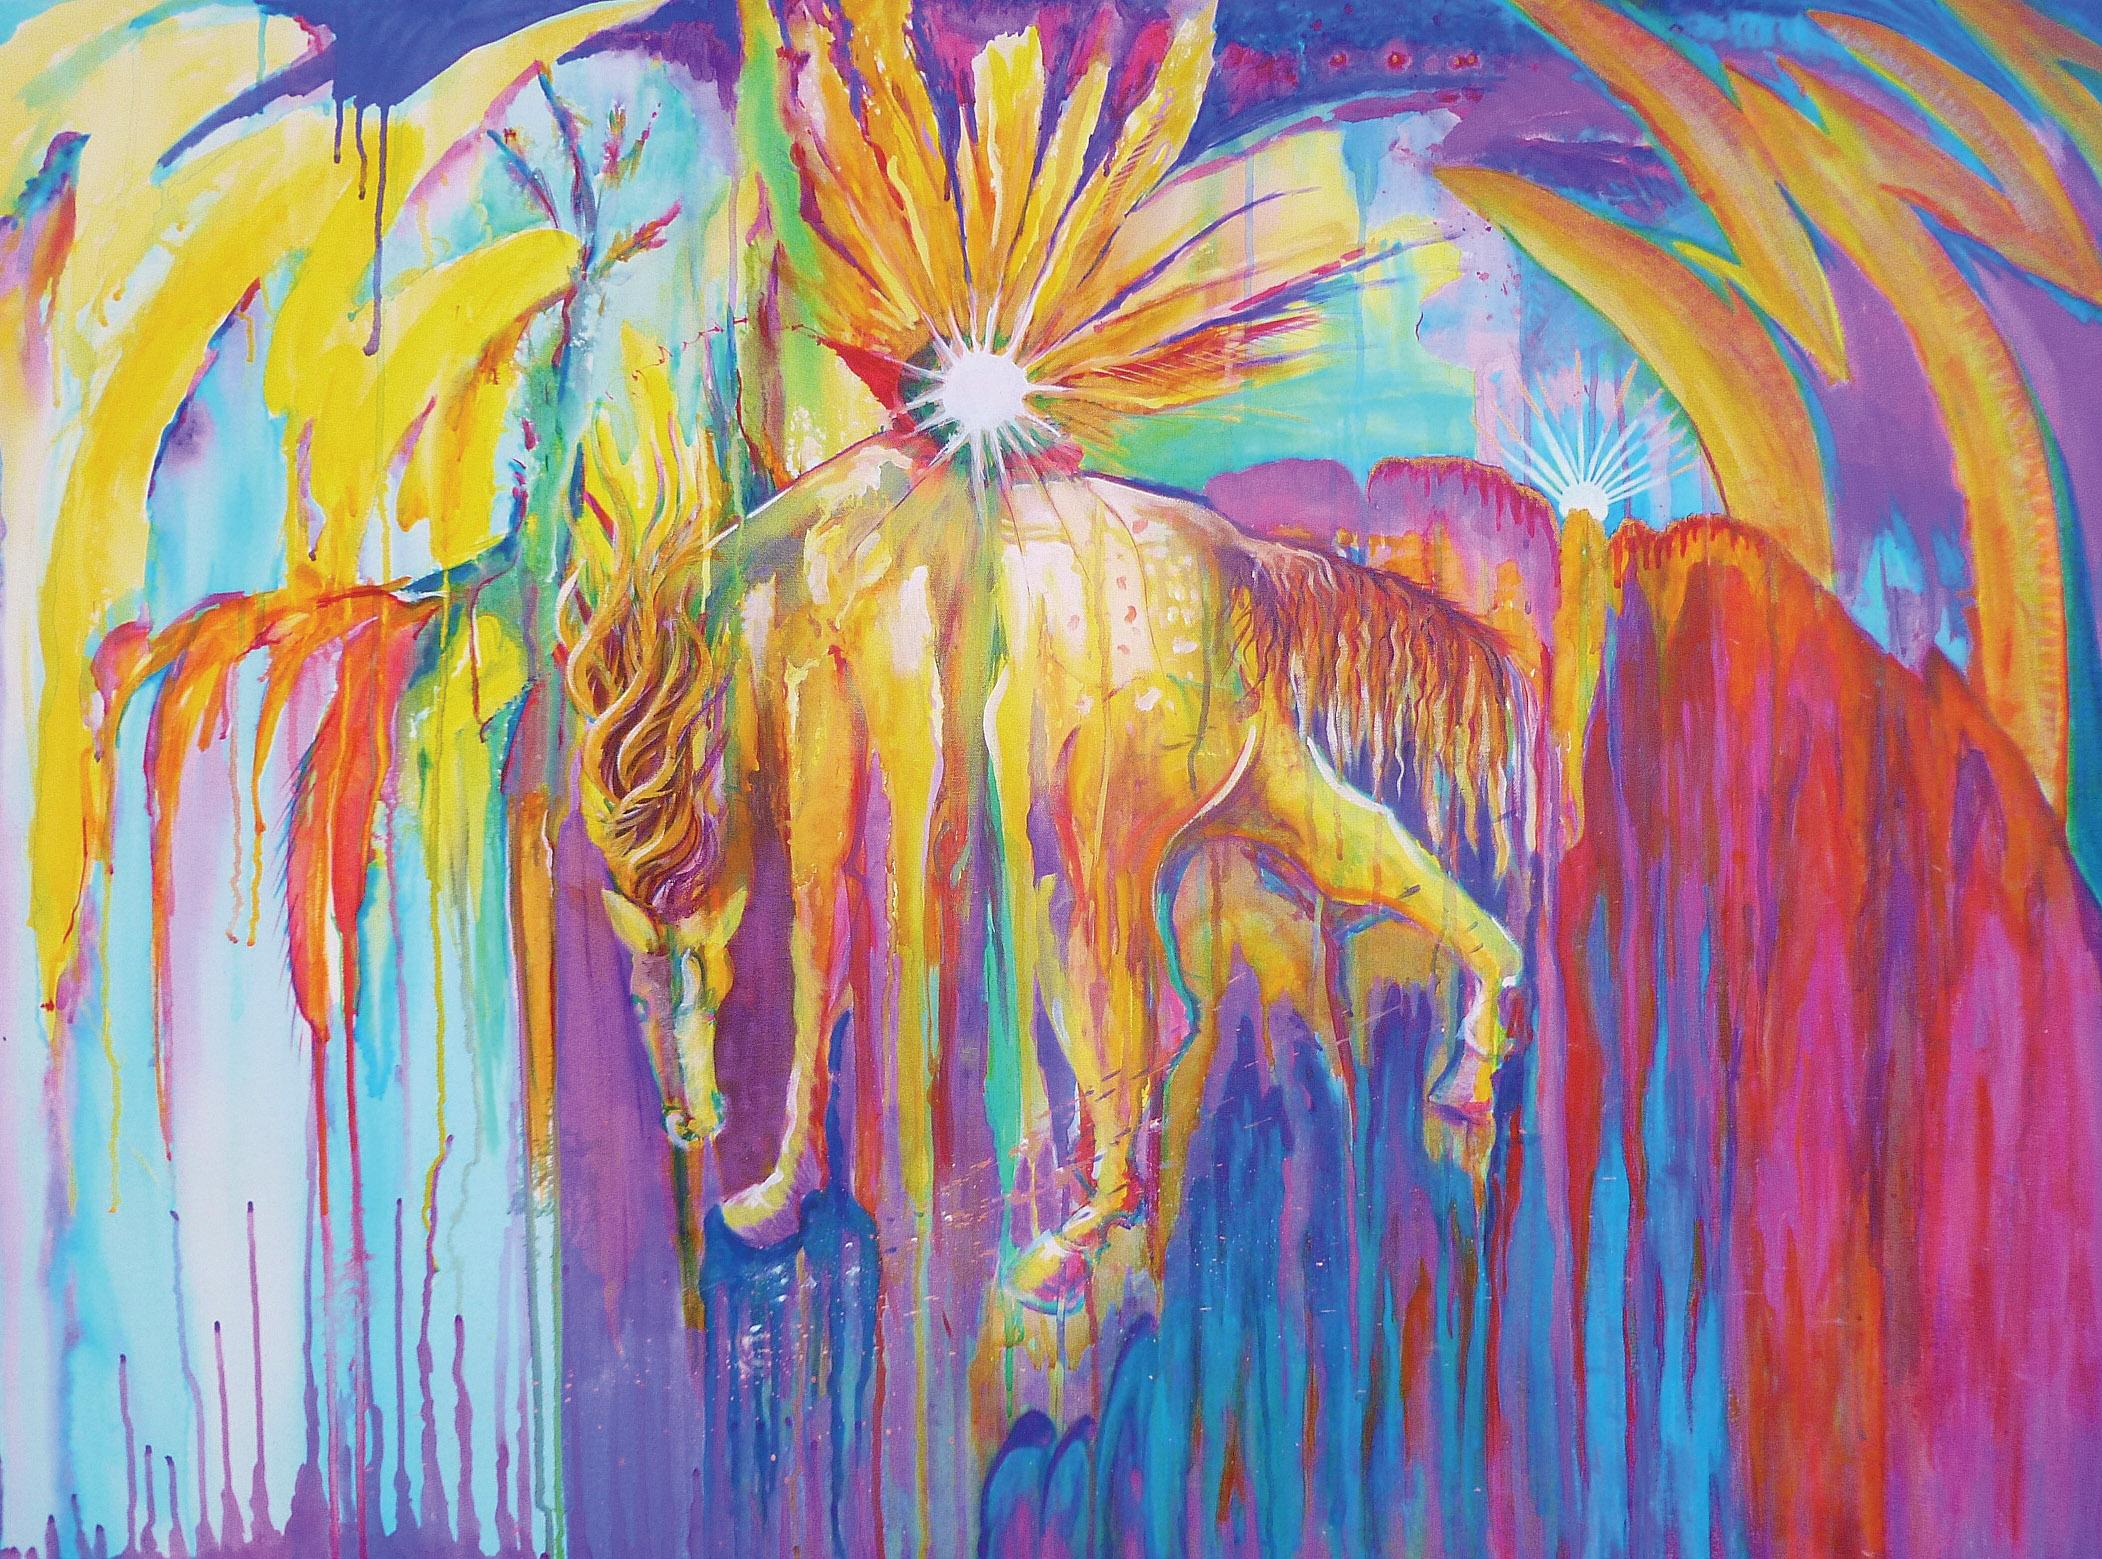 Spirit Horse by Darlene Gertsch